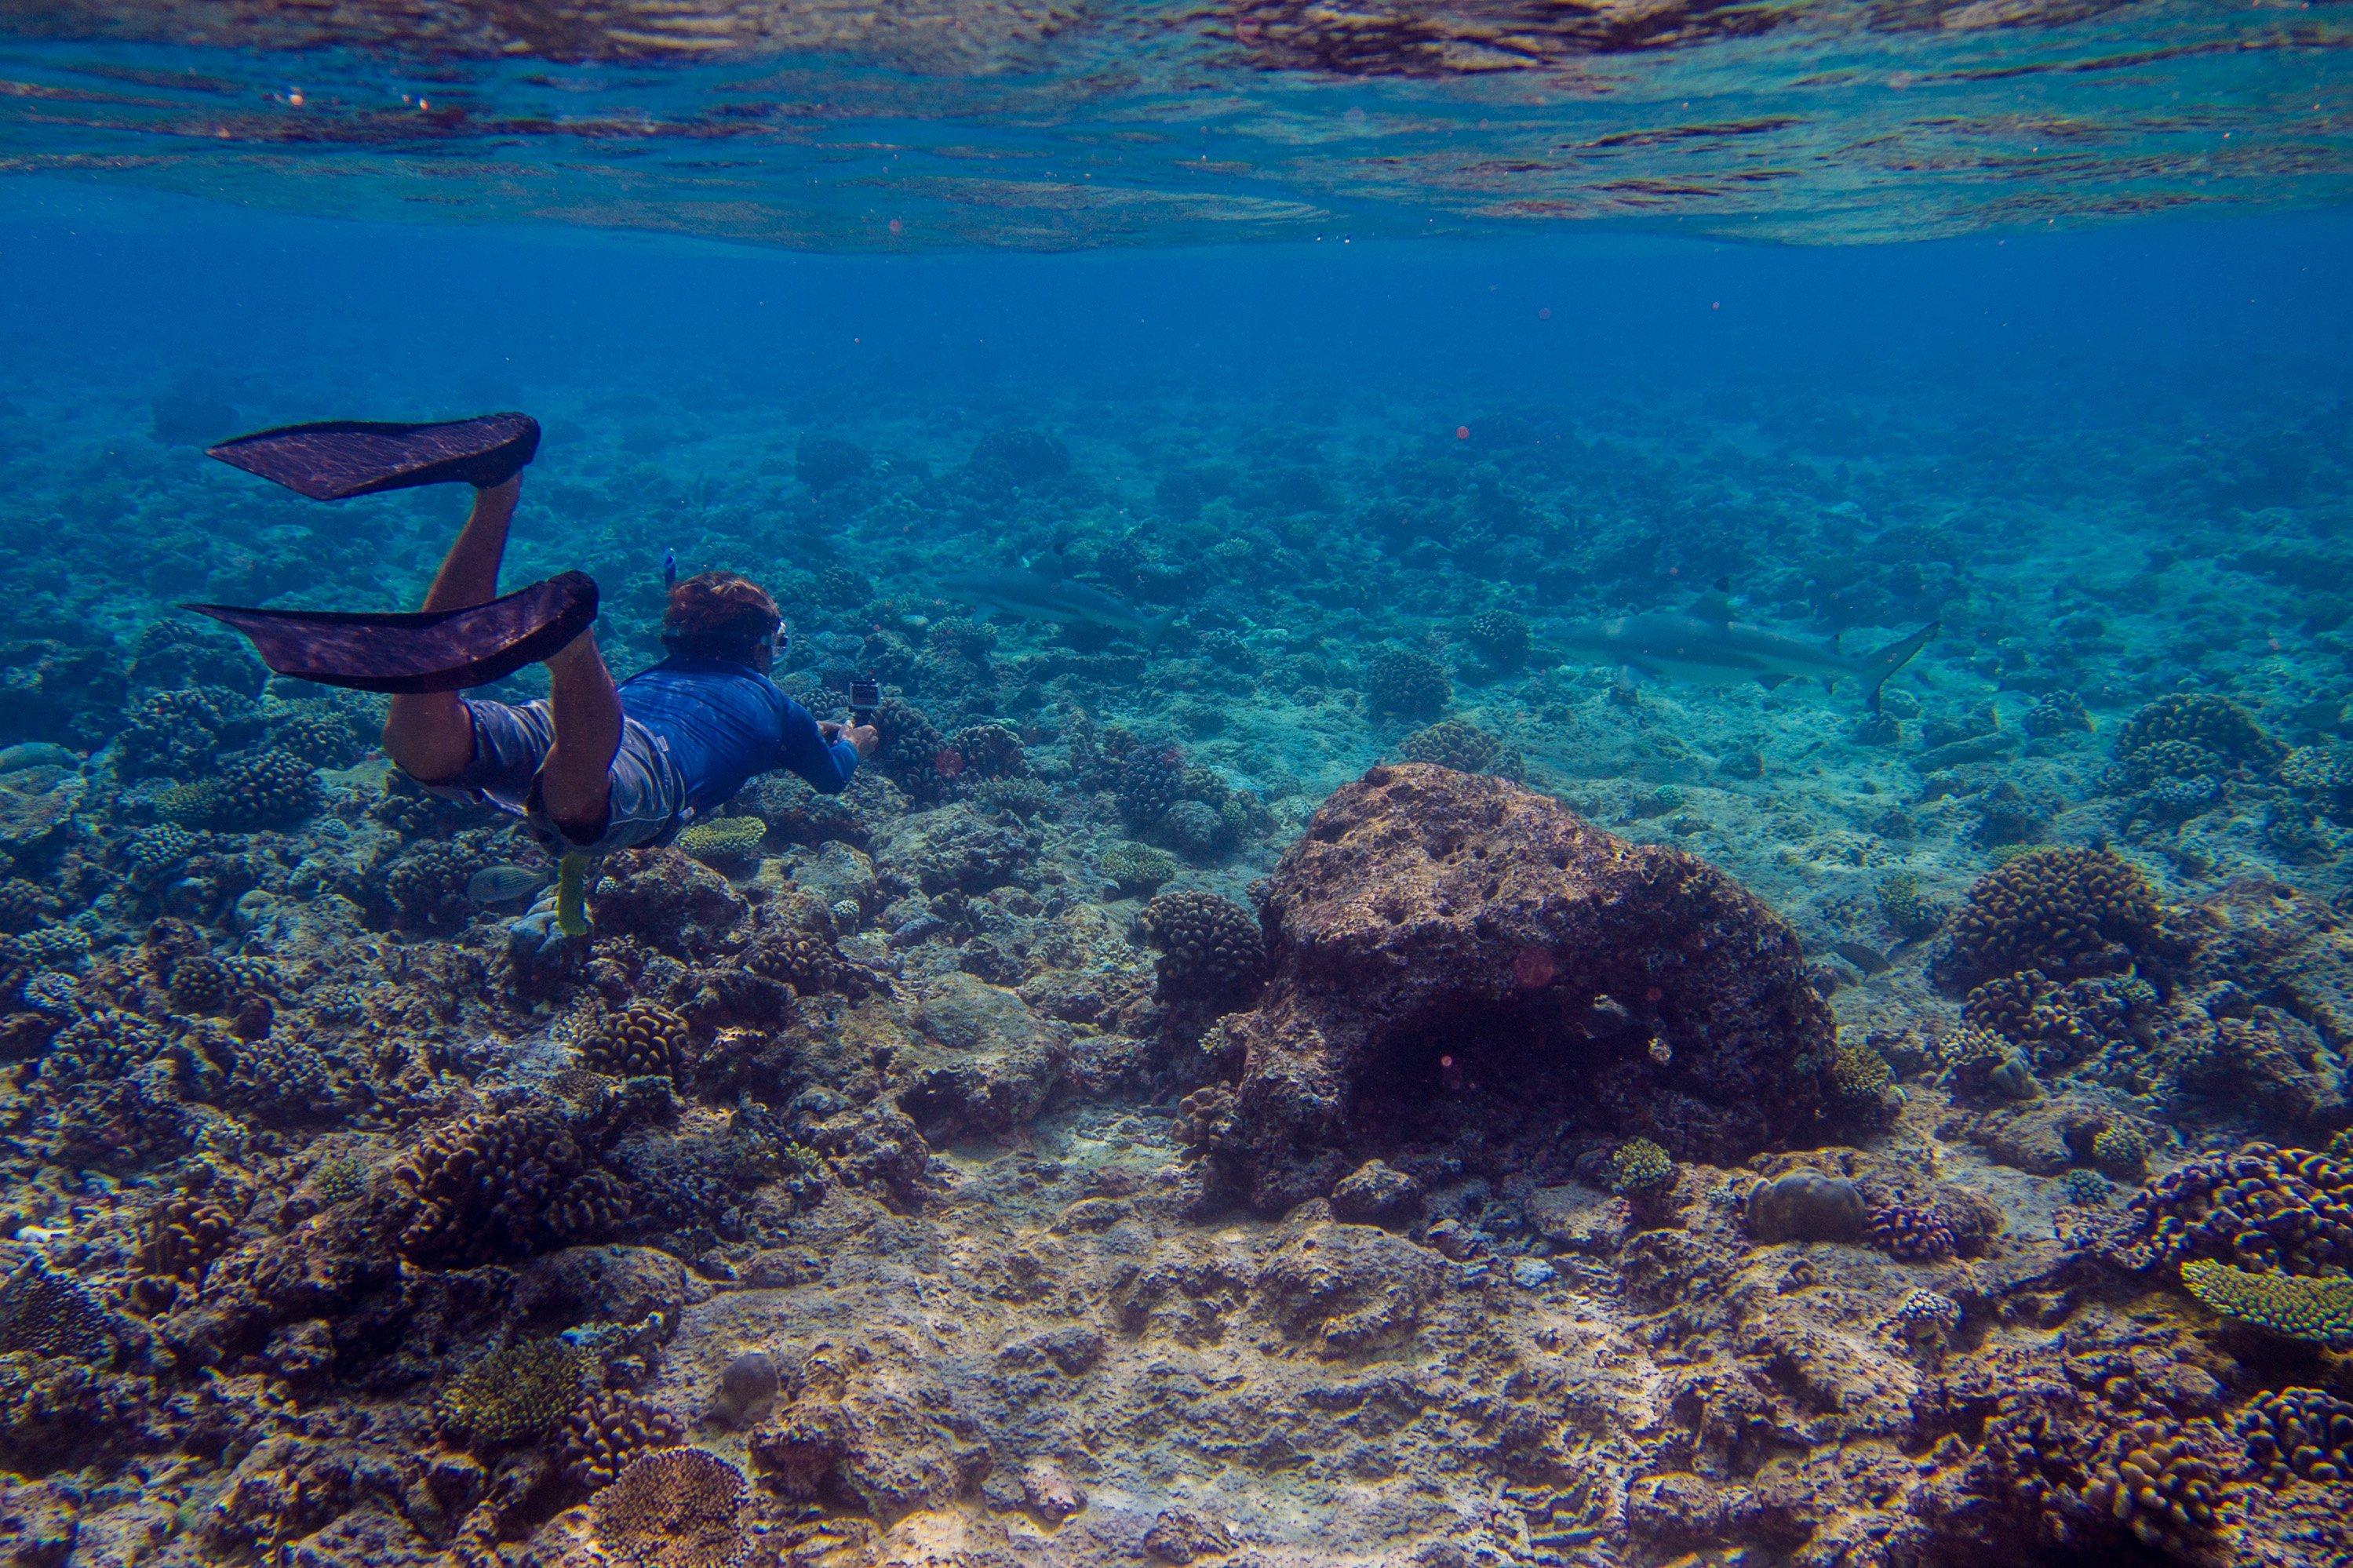 Snorkeler at Gili Lankanfushi